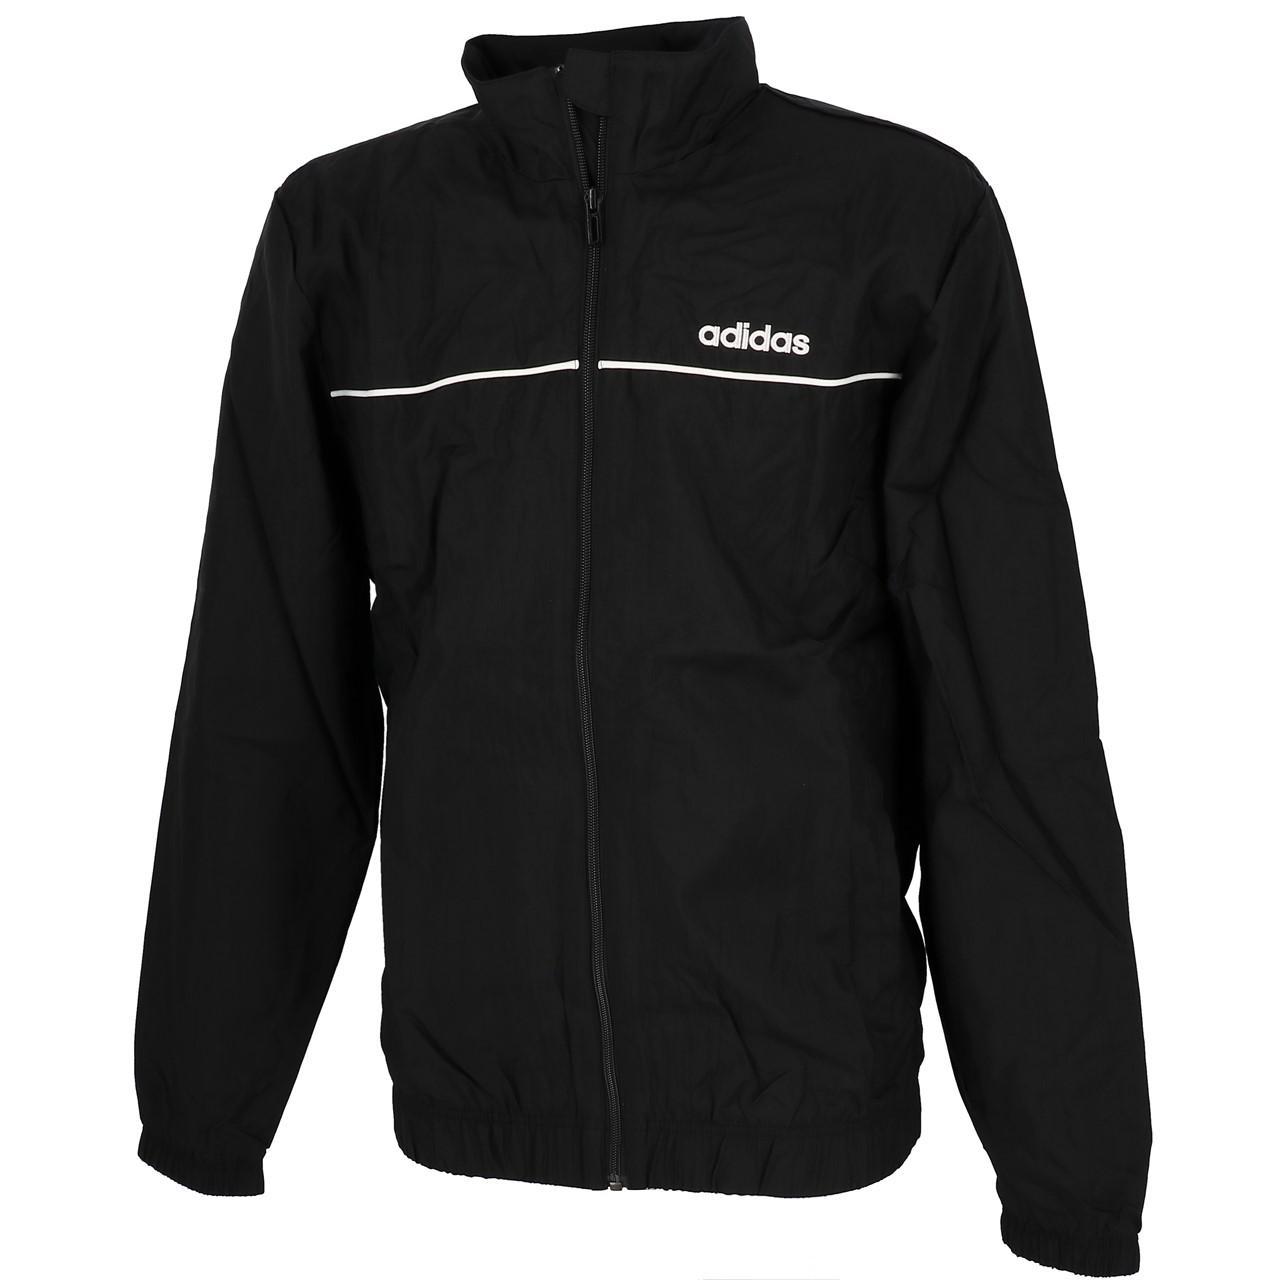 Jacken-Von-Jogginganzug-Tracktops-Adidas-Fav-Schwarz-White-29190-Nicht